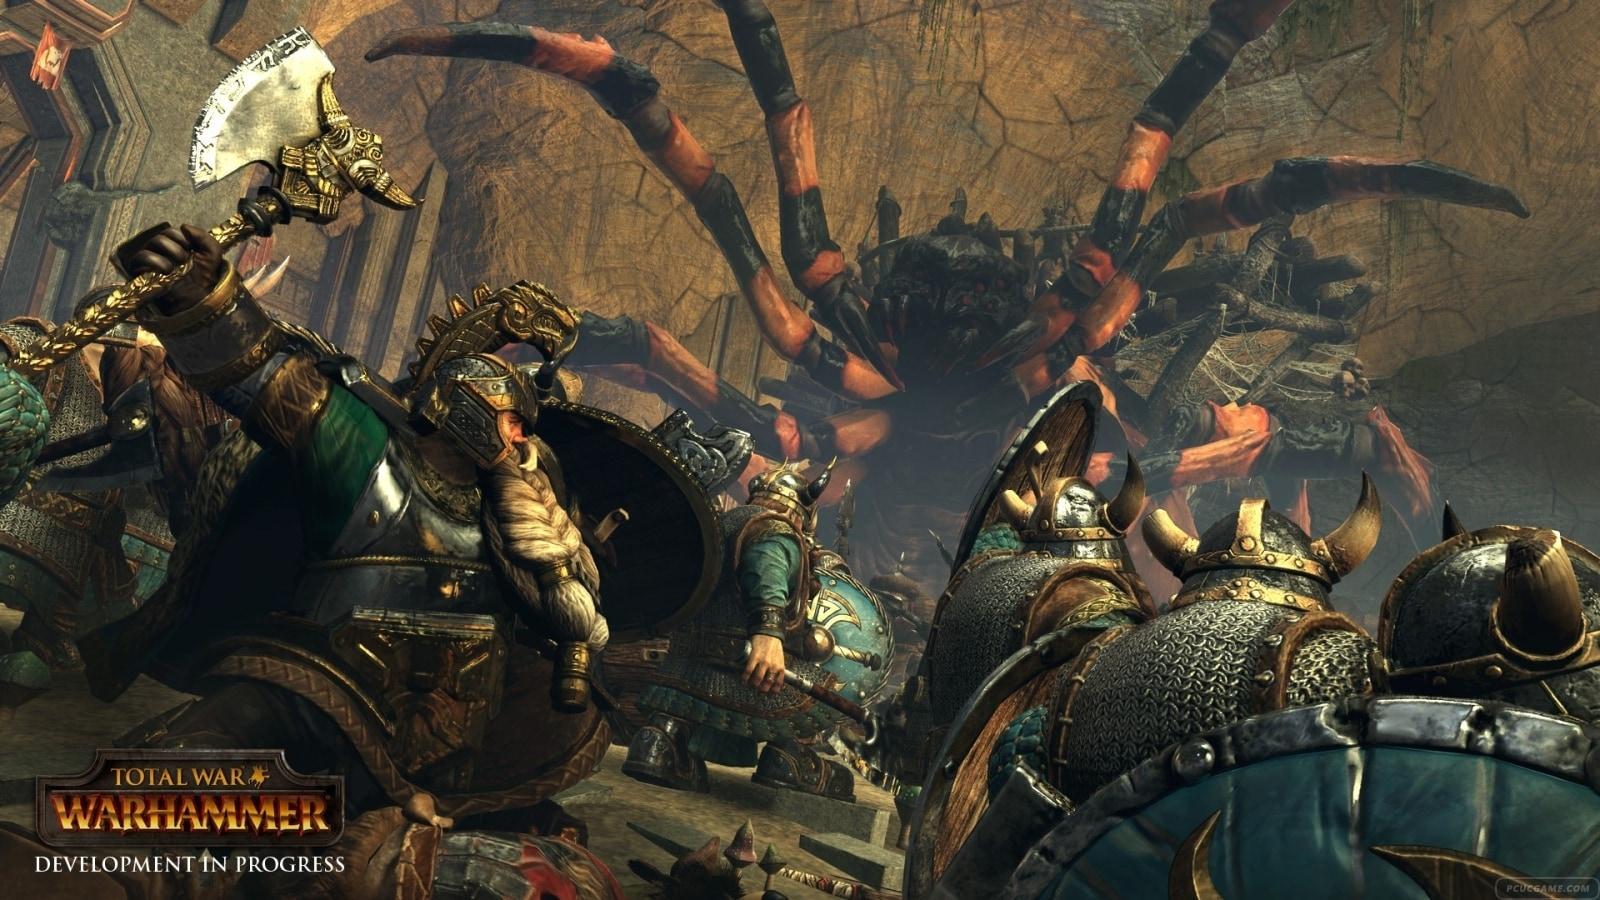 全軍破敵:戰鎚 矮人玩法及畫面設定心得